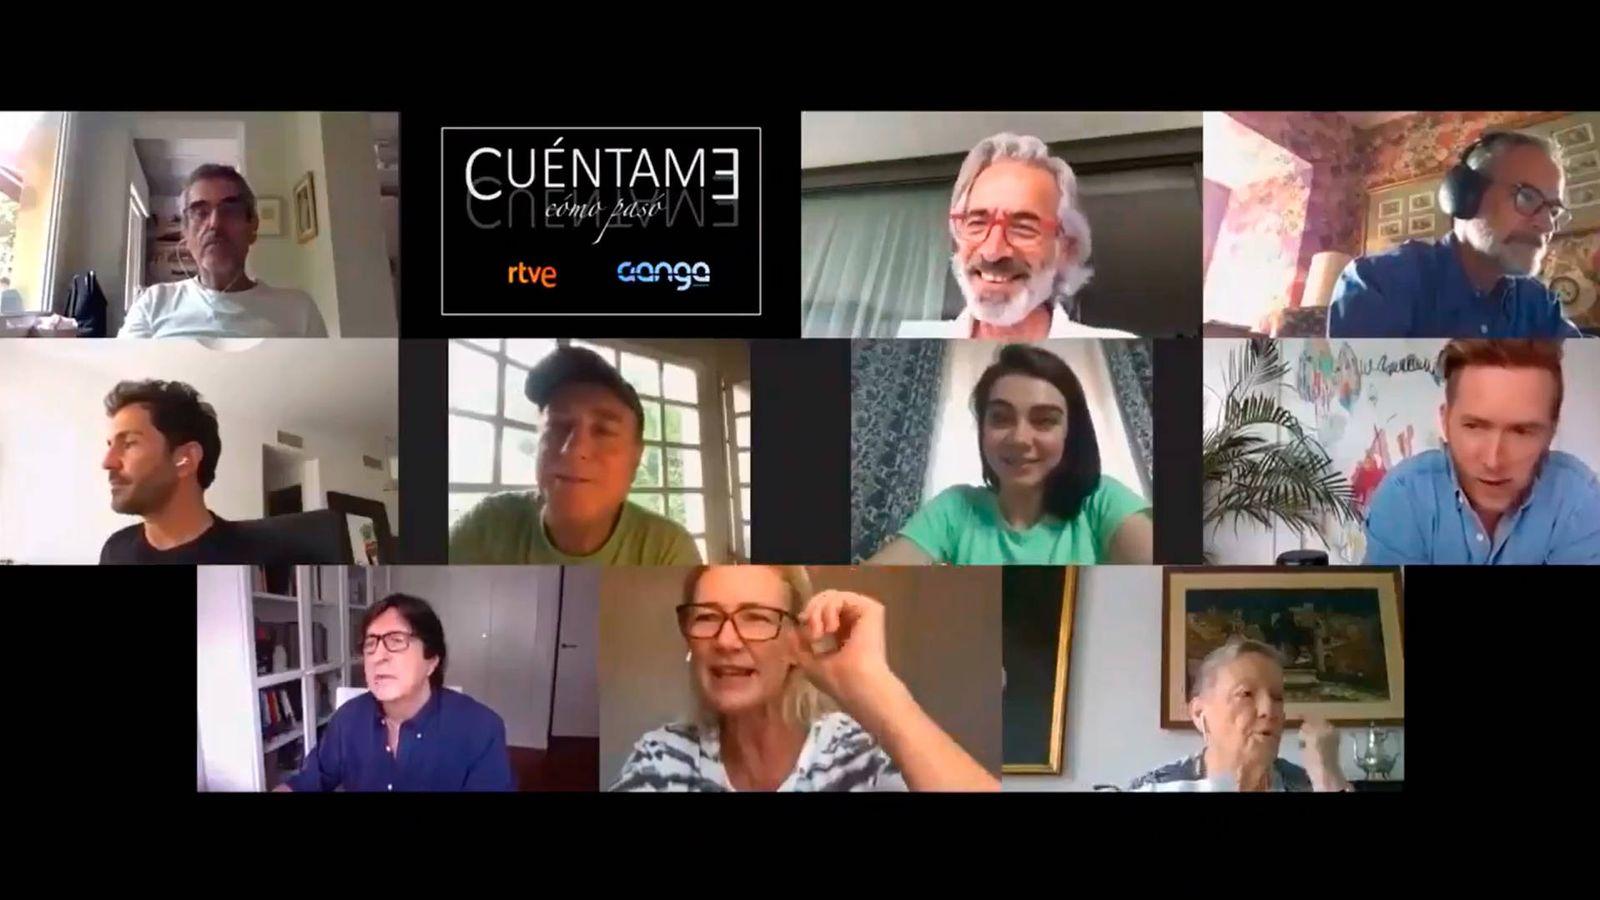 Foto: Los actores de Cuentame como paso tuvieron que leer el primer guion de la nueva temporada por videollamada (Foto: Twitter)